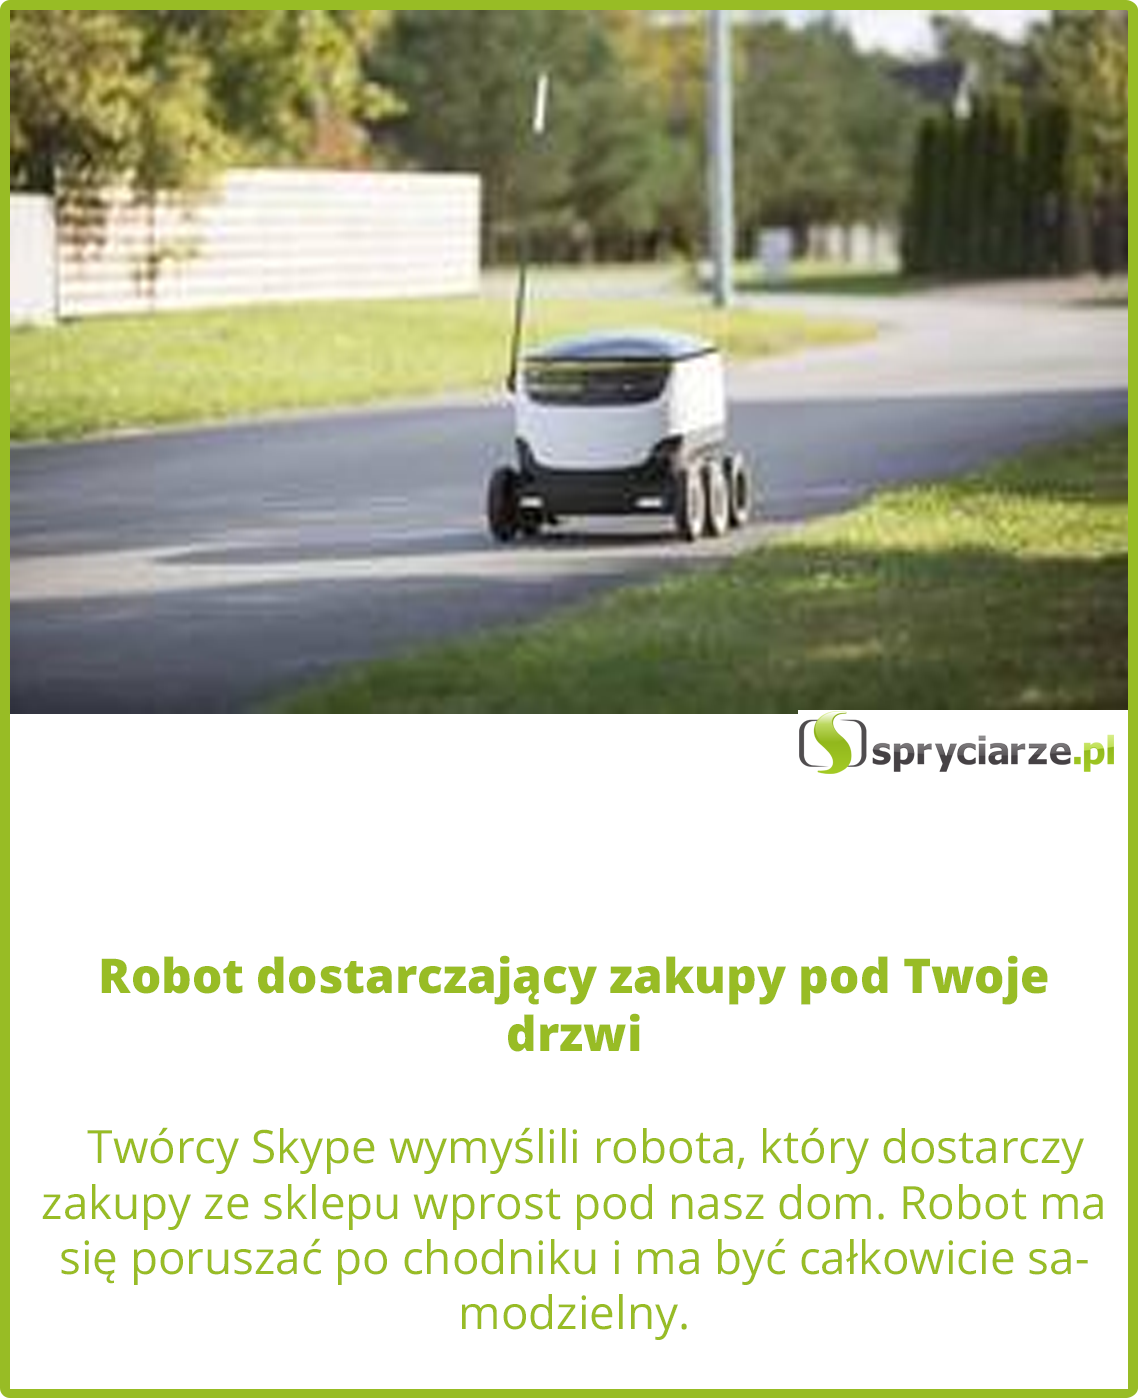 Robot dostarczający zakupy pod Twoje drzwi